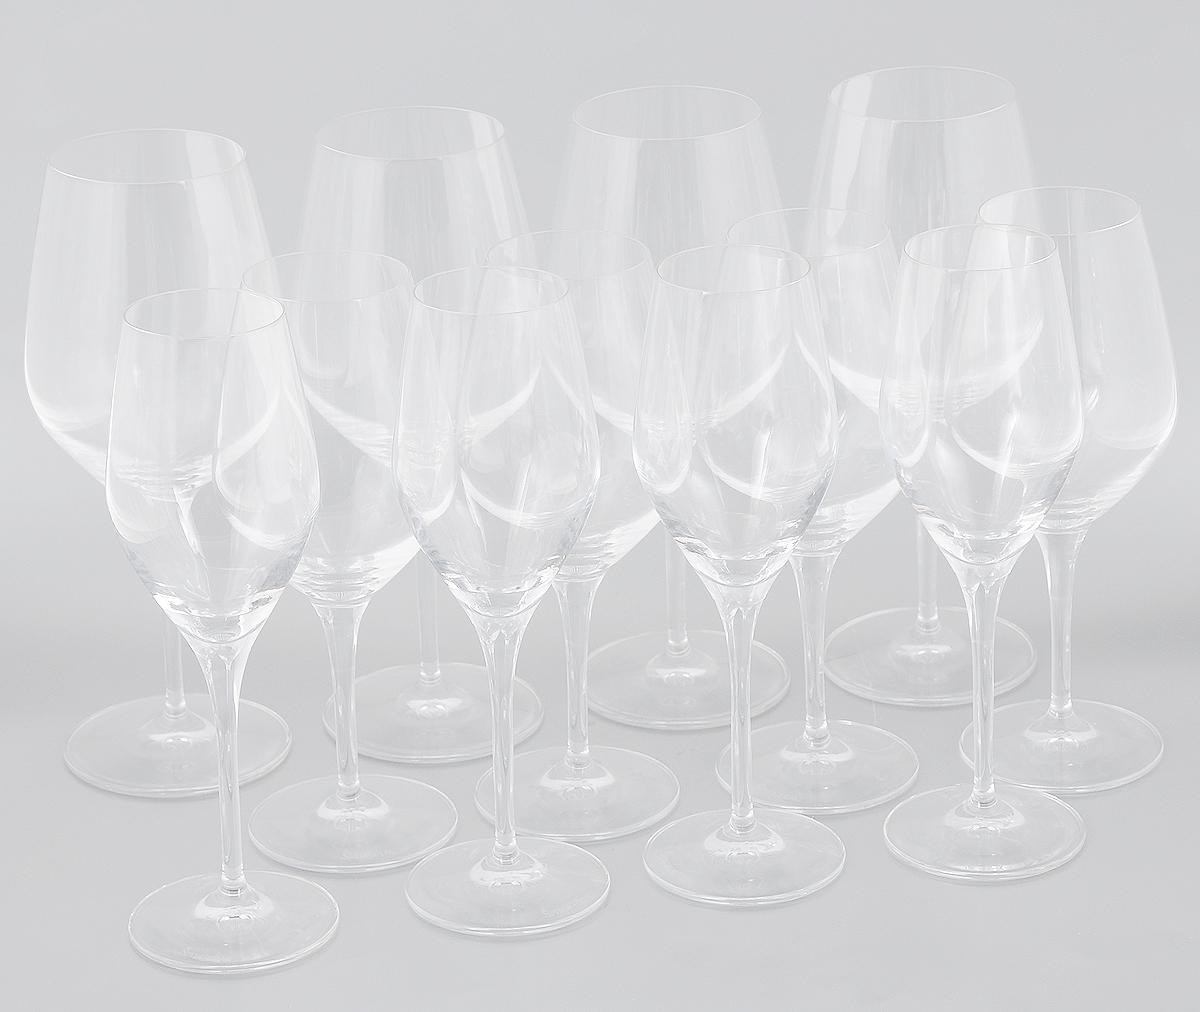 Набор бокалов Spiegelau Аутентис, 12 шт4400192Набор Spiegelau Аутентис состоит из 12 бокалов, выполненных из прочного стекла. Изделия оснащены высокими ножками. Бокалы предназначены для подачи шампанского, красного и белого вина. Они сочетают в себе элегантный дизайн и функциональность. Благодаря такому набору пить напитки будет еще вкуснее. Набор бокалов Spiegelau Аутентис прекрасно оформит праздничный стол и создаст приятную атмосферу за романтическим ужином. Такой набор также станет хорошим подарком к любому случаю. Можно мыть в посудомоечной машине. Диаметр бокала для шампанского (по верхнему краю): 5 см. Диаметр основания бокала для шампанского: 7 см. Высота бокала для шампанского: 22,5 см. Диаметр бокала для белого вина (по верхнему краю): 5,5 см. Диаметр основания бокала для белого вина: 7,5 см. Высота бокала для белого вина: 21 см. Диаметр бокала для красного вина (по верхнему краю): 7 см. Диаметр основания красного для белого вина: 8,5 см. ...